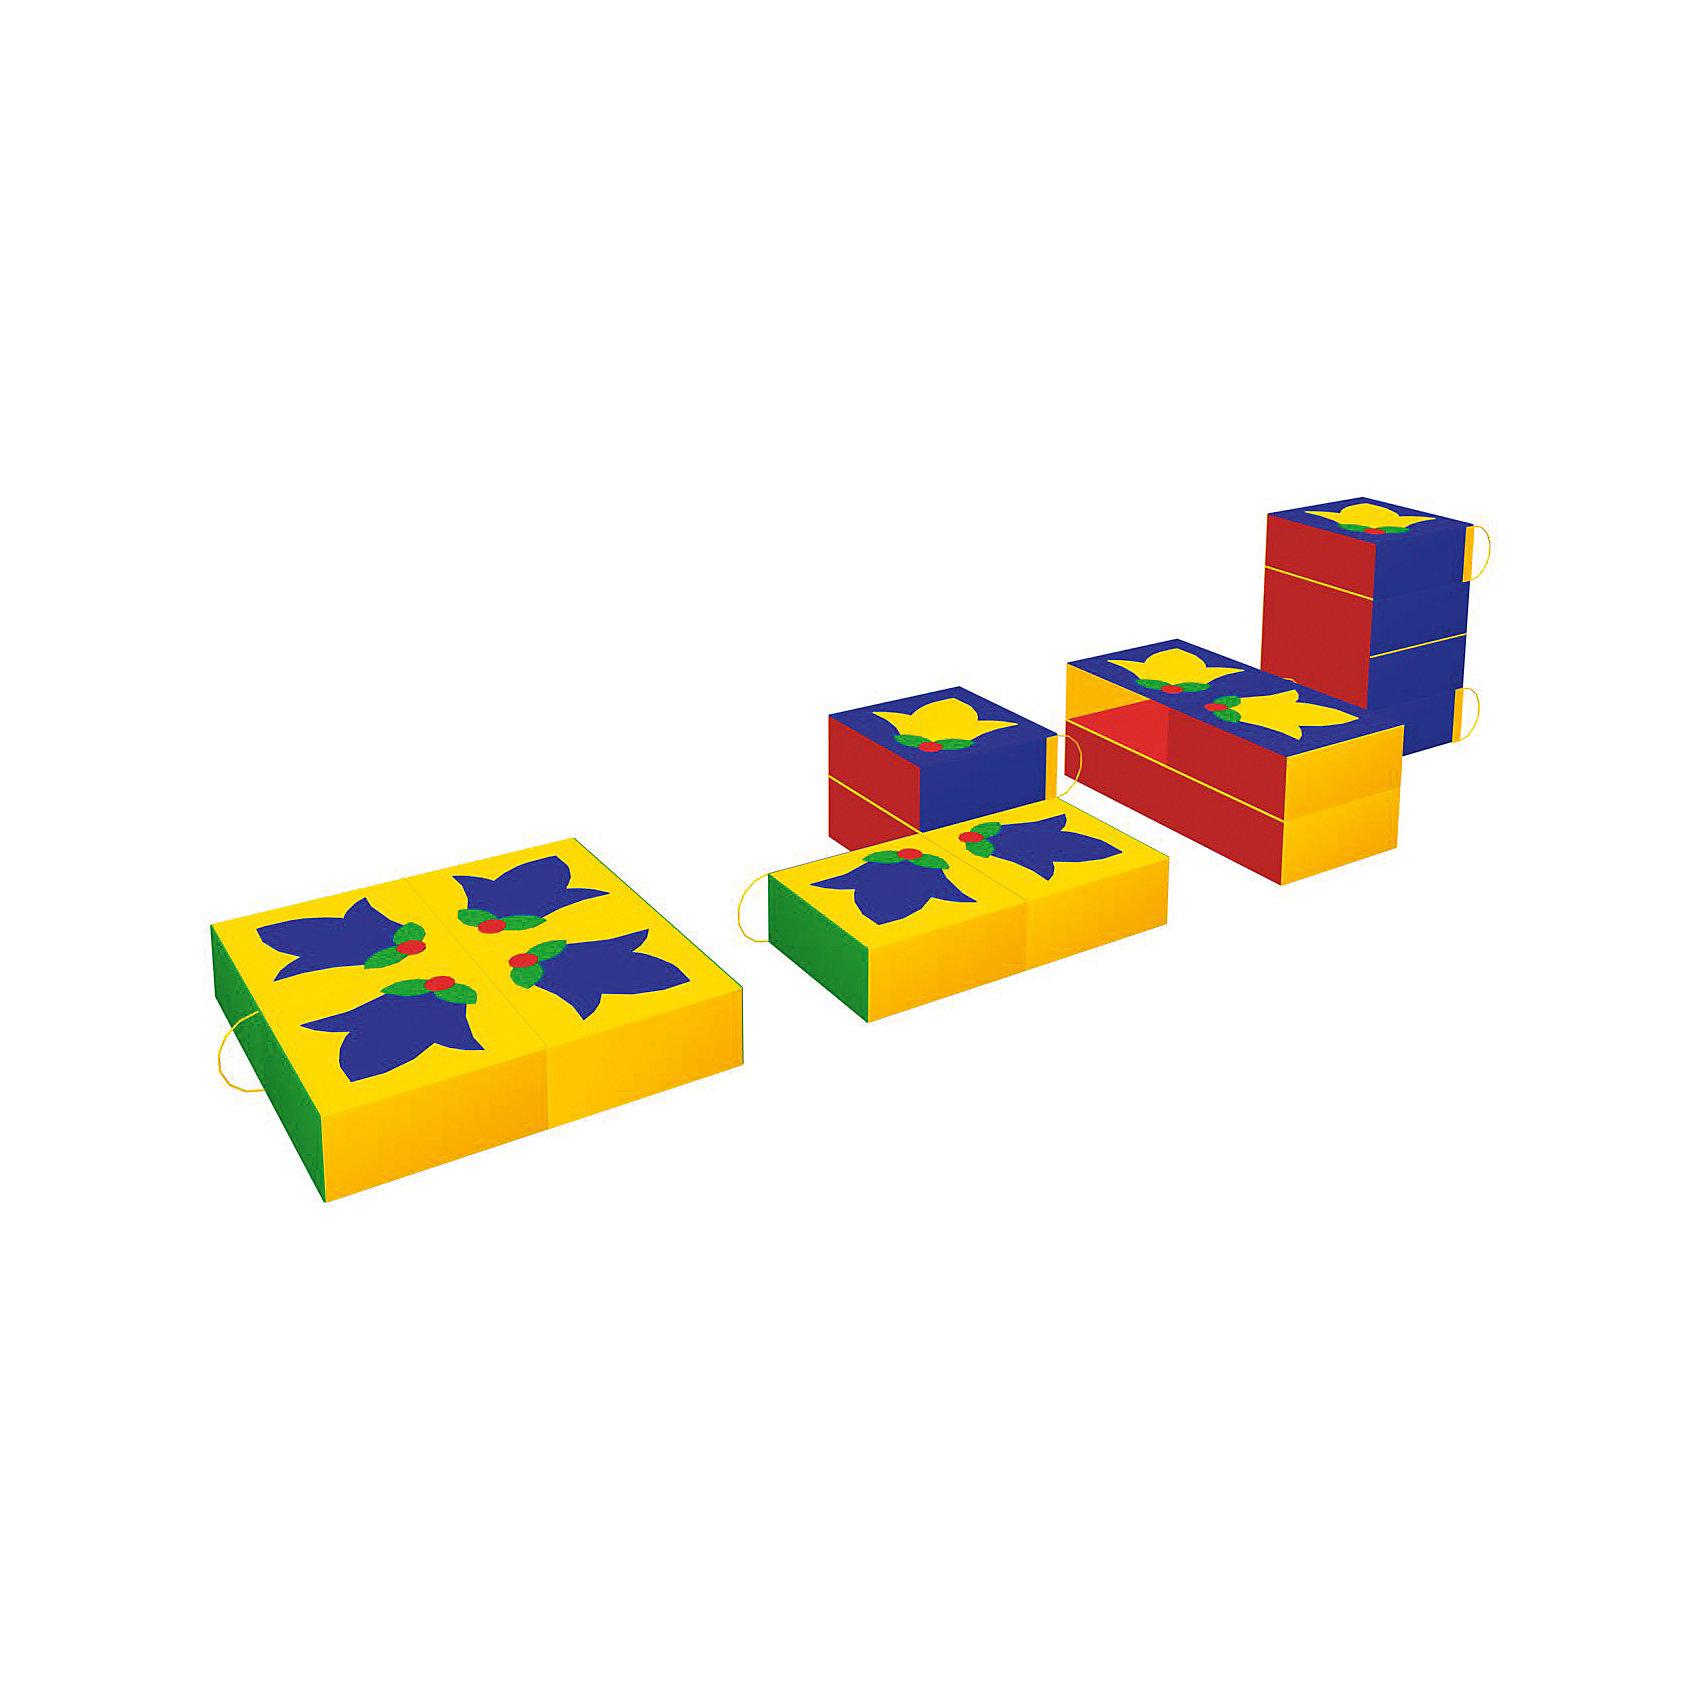 Игровая мебель Клумба, RomanaМебель<br>Характеристики:<br><br>• развивает фантазию, пространственное мышление, моторику рук;<br>• в комплекте: 4 фигуры;<br>• материал: винилискожа, поролон;<br>• размер упаковки: 80х80х10 см;<br>• вес: 1800 грамм.<br><br>Игровая мебель Клумба состоит из четырех крупных мягких деталей. Из этих деталей ребенок сможет сложить квадрат, построить башню или любое оригинальное сооружение. <br><br>На одной стороне деталей нарисованы колокольчики, образующие красивые узор. Играя с Клумбой, ребенок познакомится с формами, цветами, а игра поможет развить моторику рук и пространственное мышление.<br><br>Мебель изготовлена из поролона, обшитого винилискожей - ребенок не ушибется в процессе игры. Все элементы легко очищаются моющими средствами.<br><br>Игровую мебель Клумба, Romana (Романа) вы можете купить в нашем интернет-магазине.<br><br>Ширина мм: 800<br>Глубина мм: 800<br>Высота мм: 100<br>Вес г: 1800<br>Возраст от месяцев: 36<br>Возраст до месяцев: 60<br>Пол: Унисекс<br>Возраст: Детский<br>SKU: 6742452